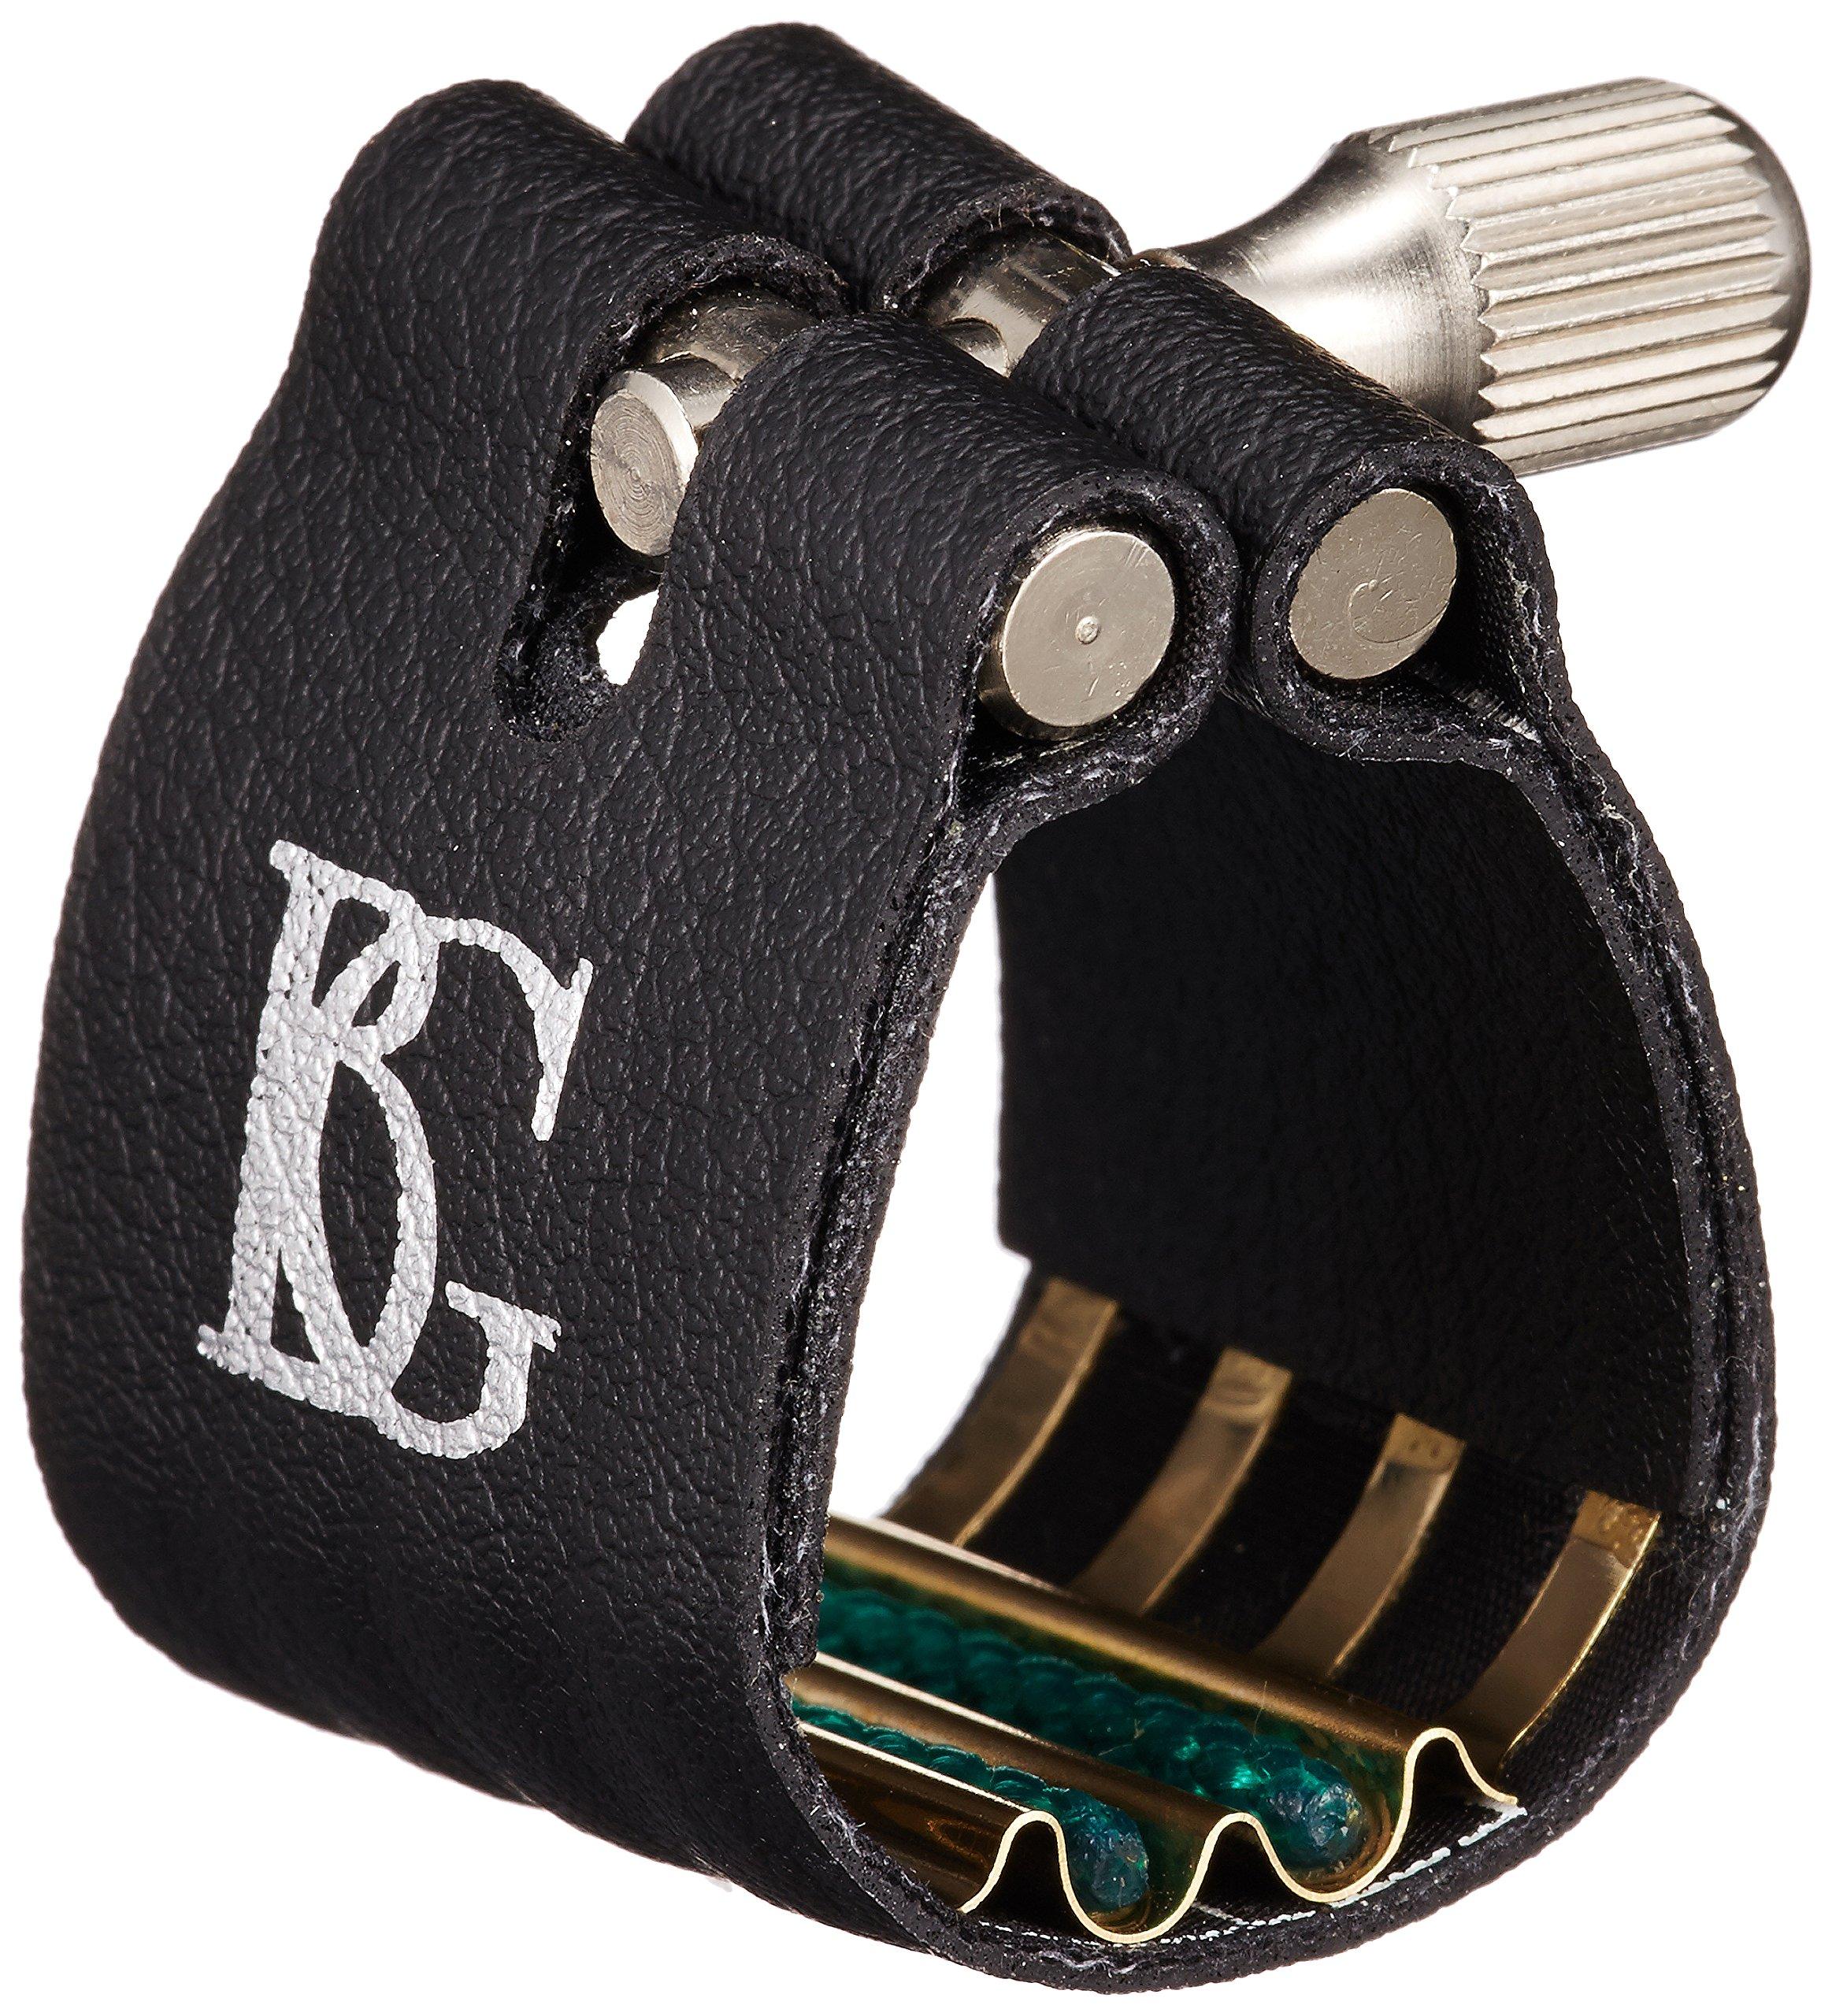 BG L82SR Alto Clarinet Super Revelation Ligature with Cap